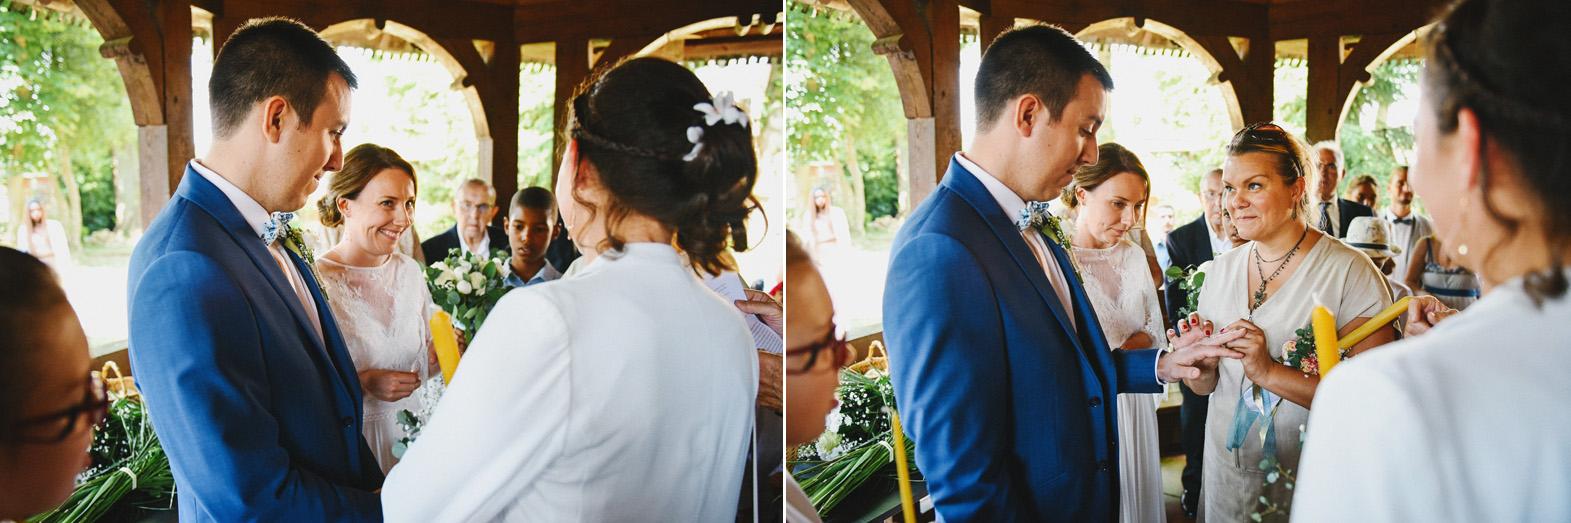 cérémonie mariage orthodoxe